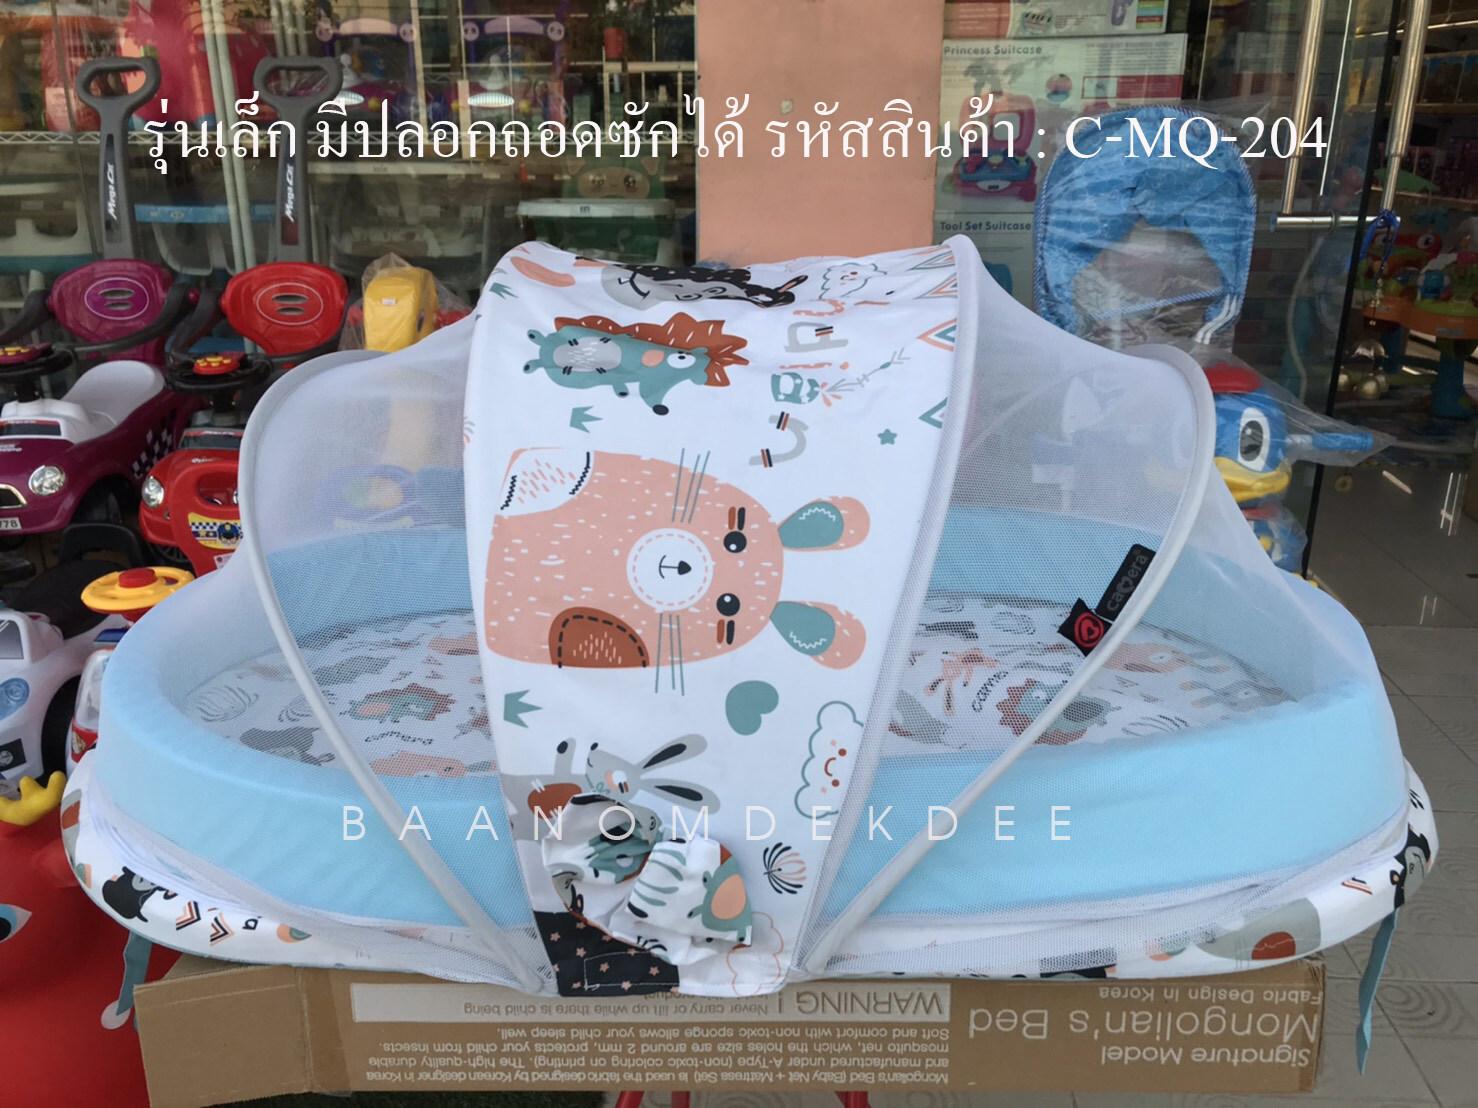 ราคา ชุดที่นอนเด็กพร้อมมุ้ง พกพาได้ ถอดซักได้ Camera Baby C-MQ-204 สีฟ้า